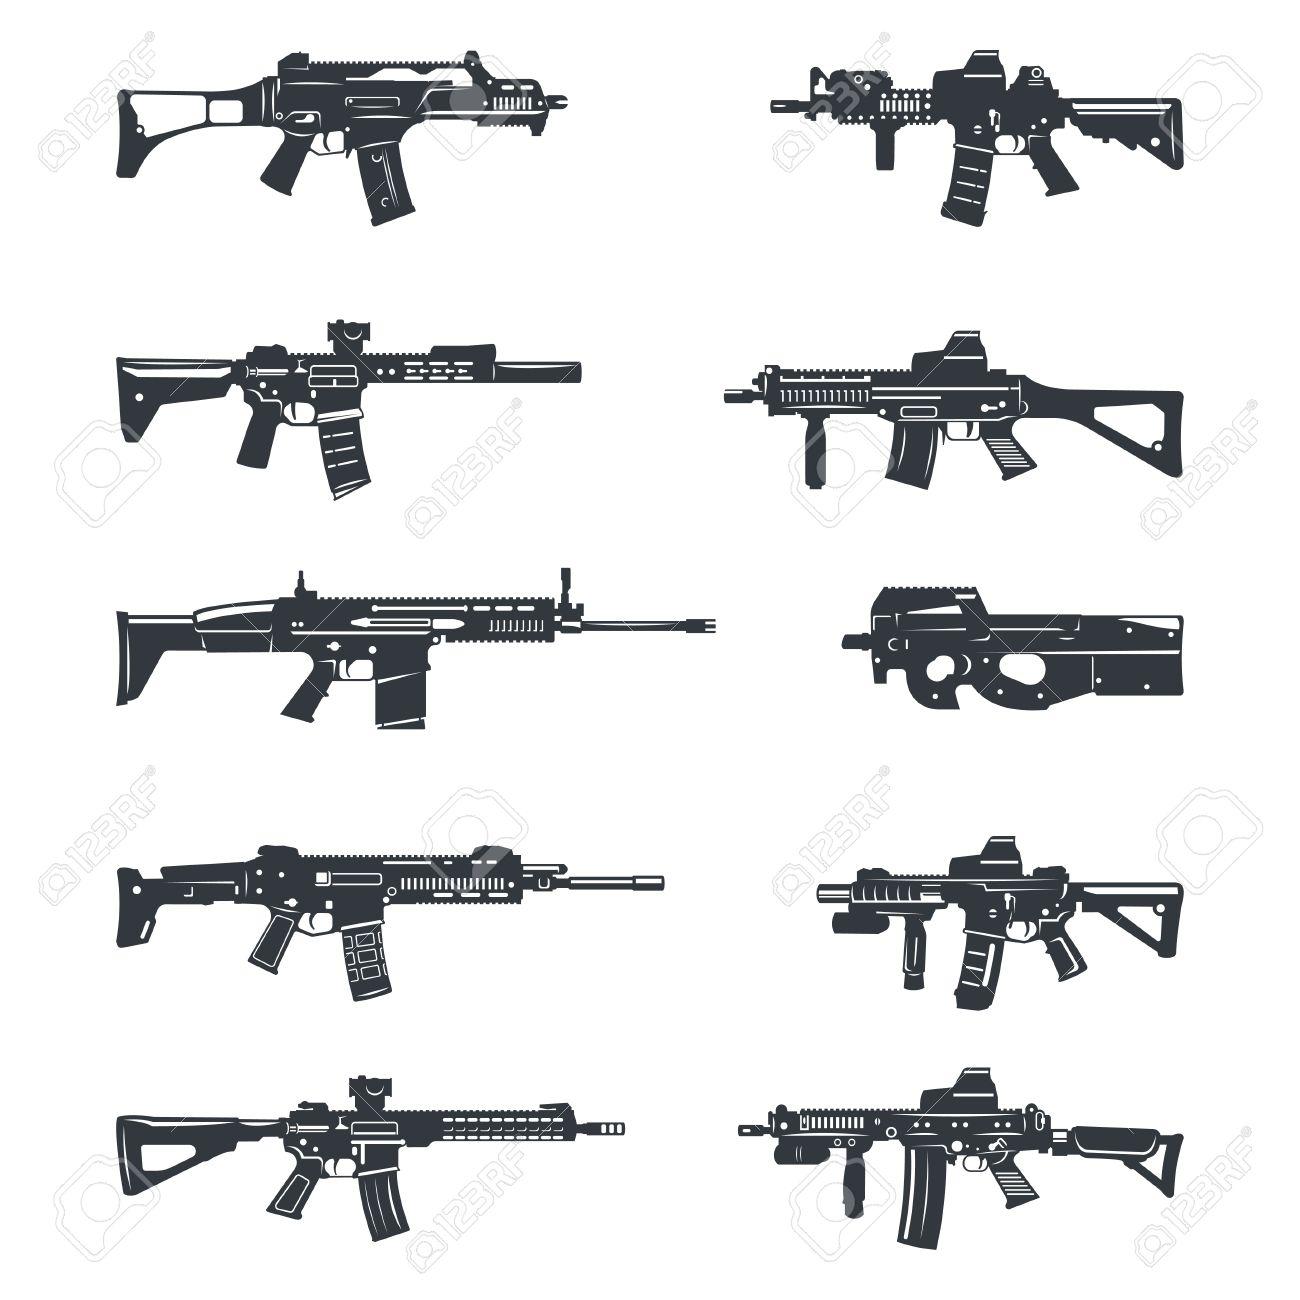 hight resolution of gun clipart assault rifle assault riffle clipart